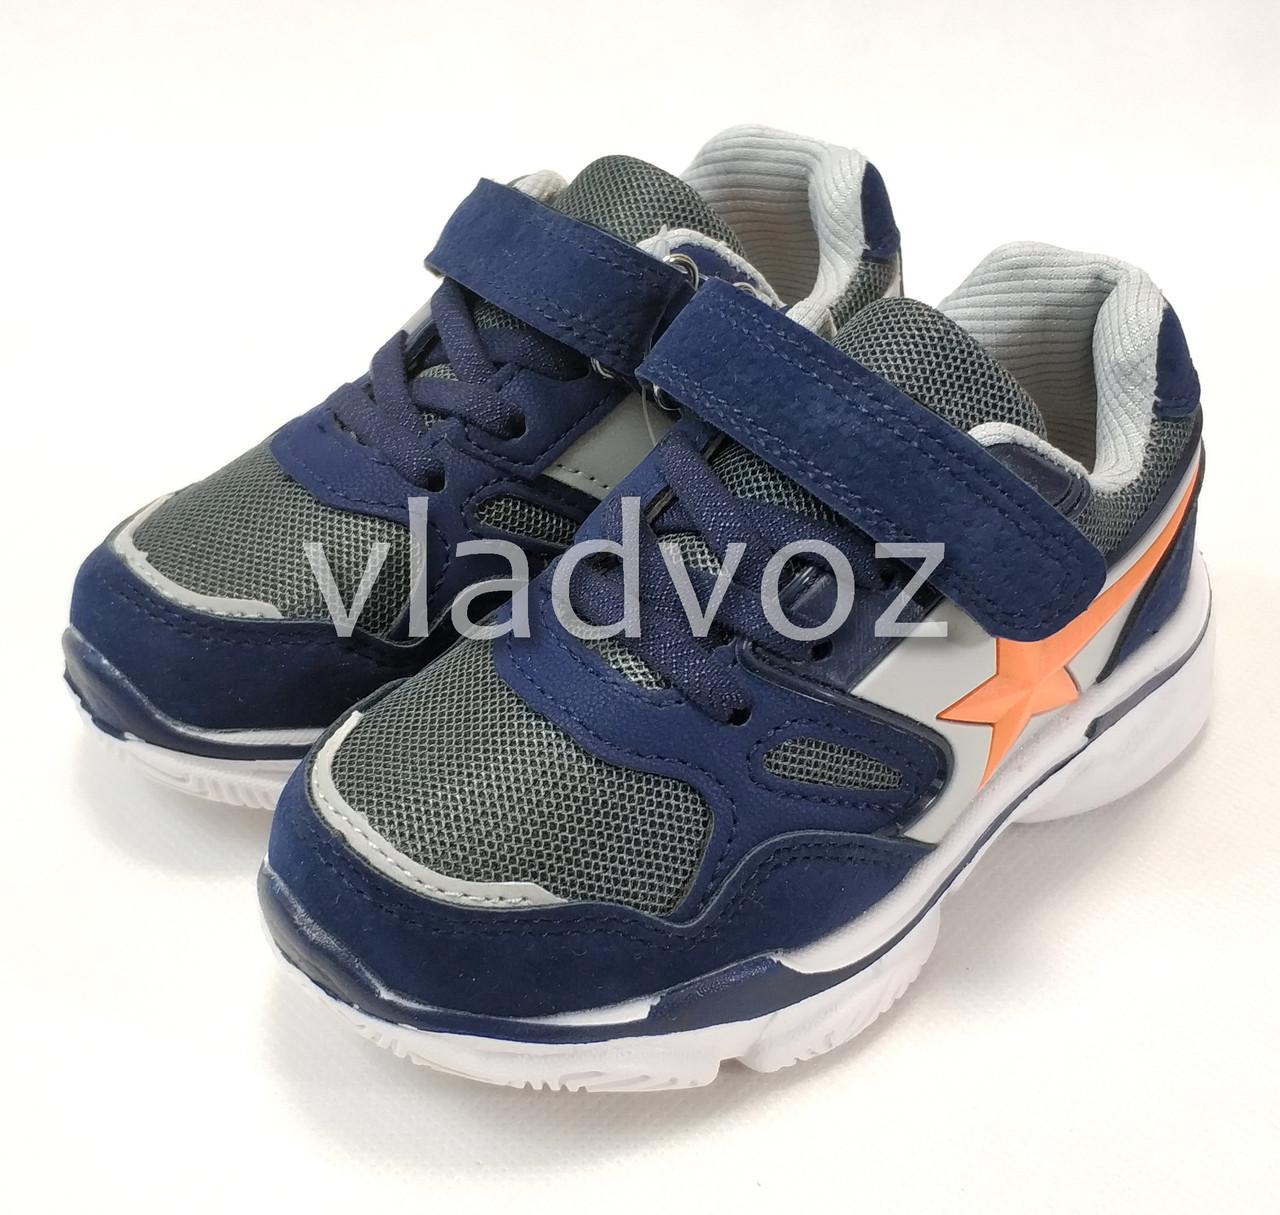 f9affca8 Детские кроссовки для мальчика синие звезда оранжевая 28р., цена 400 ...